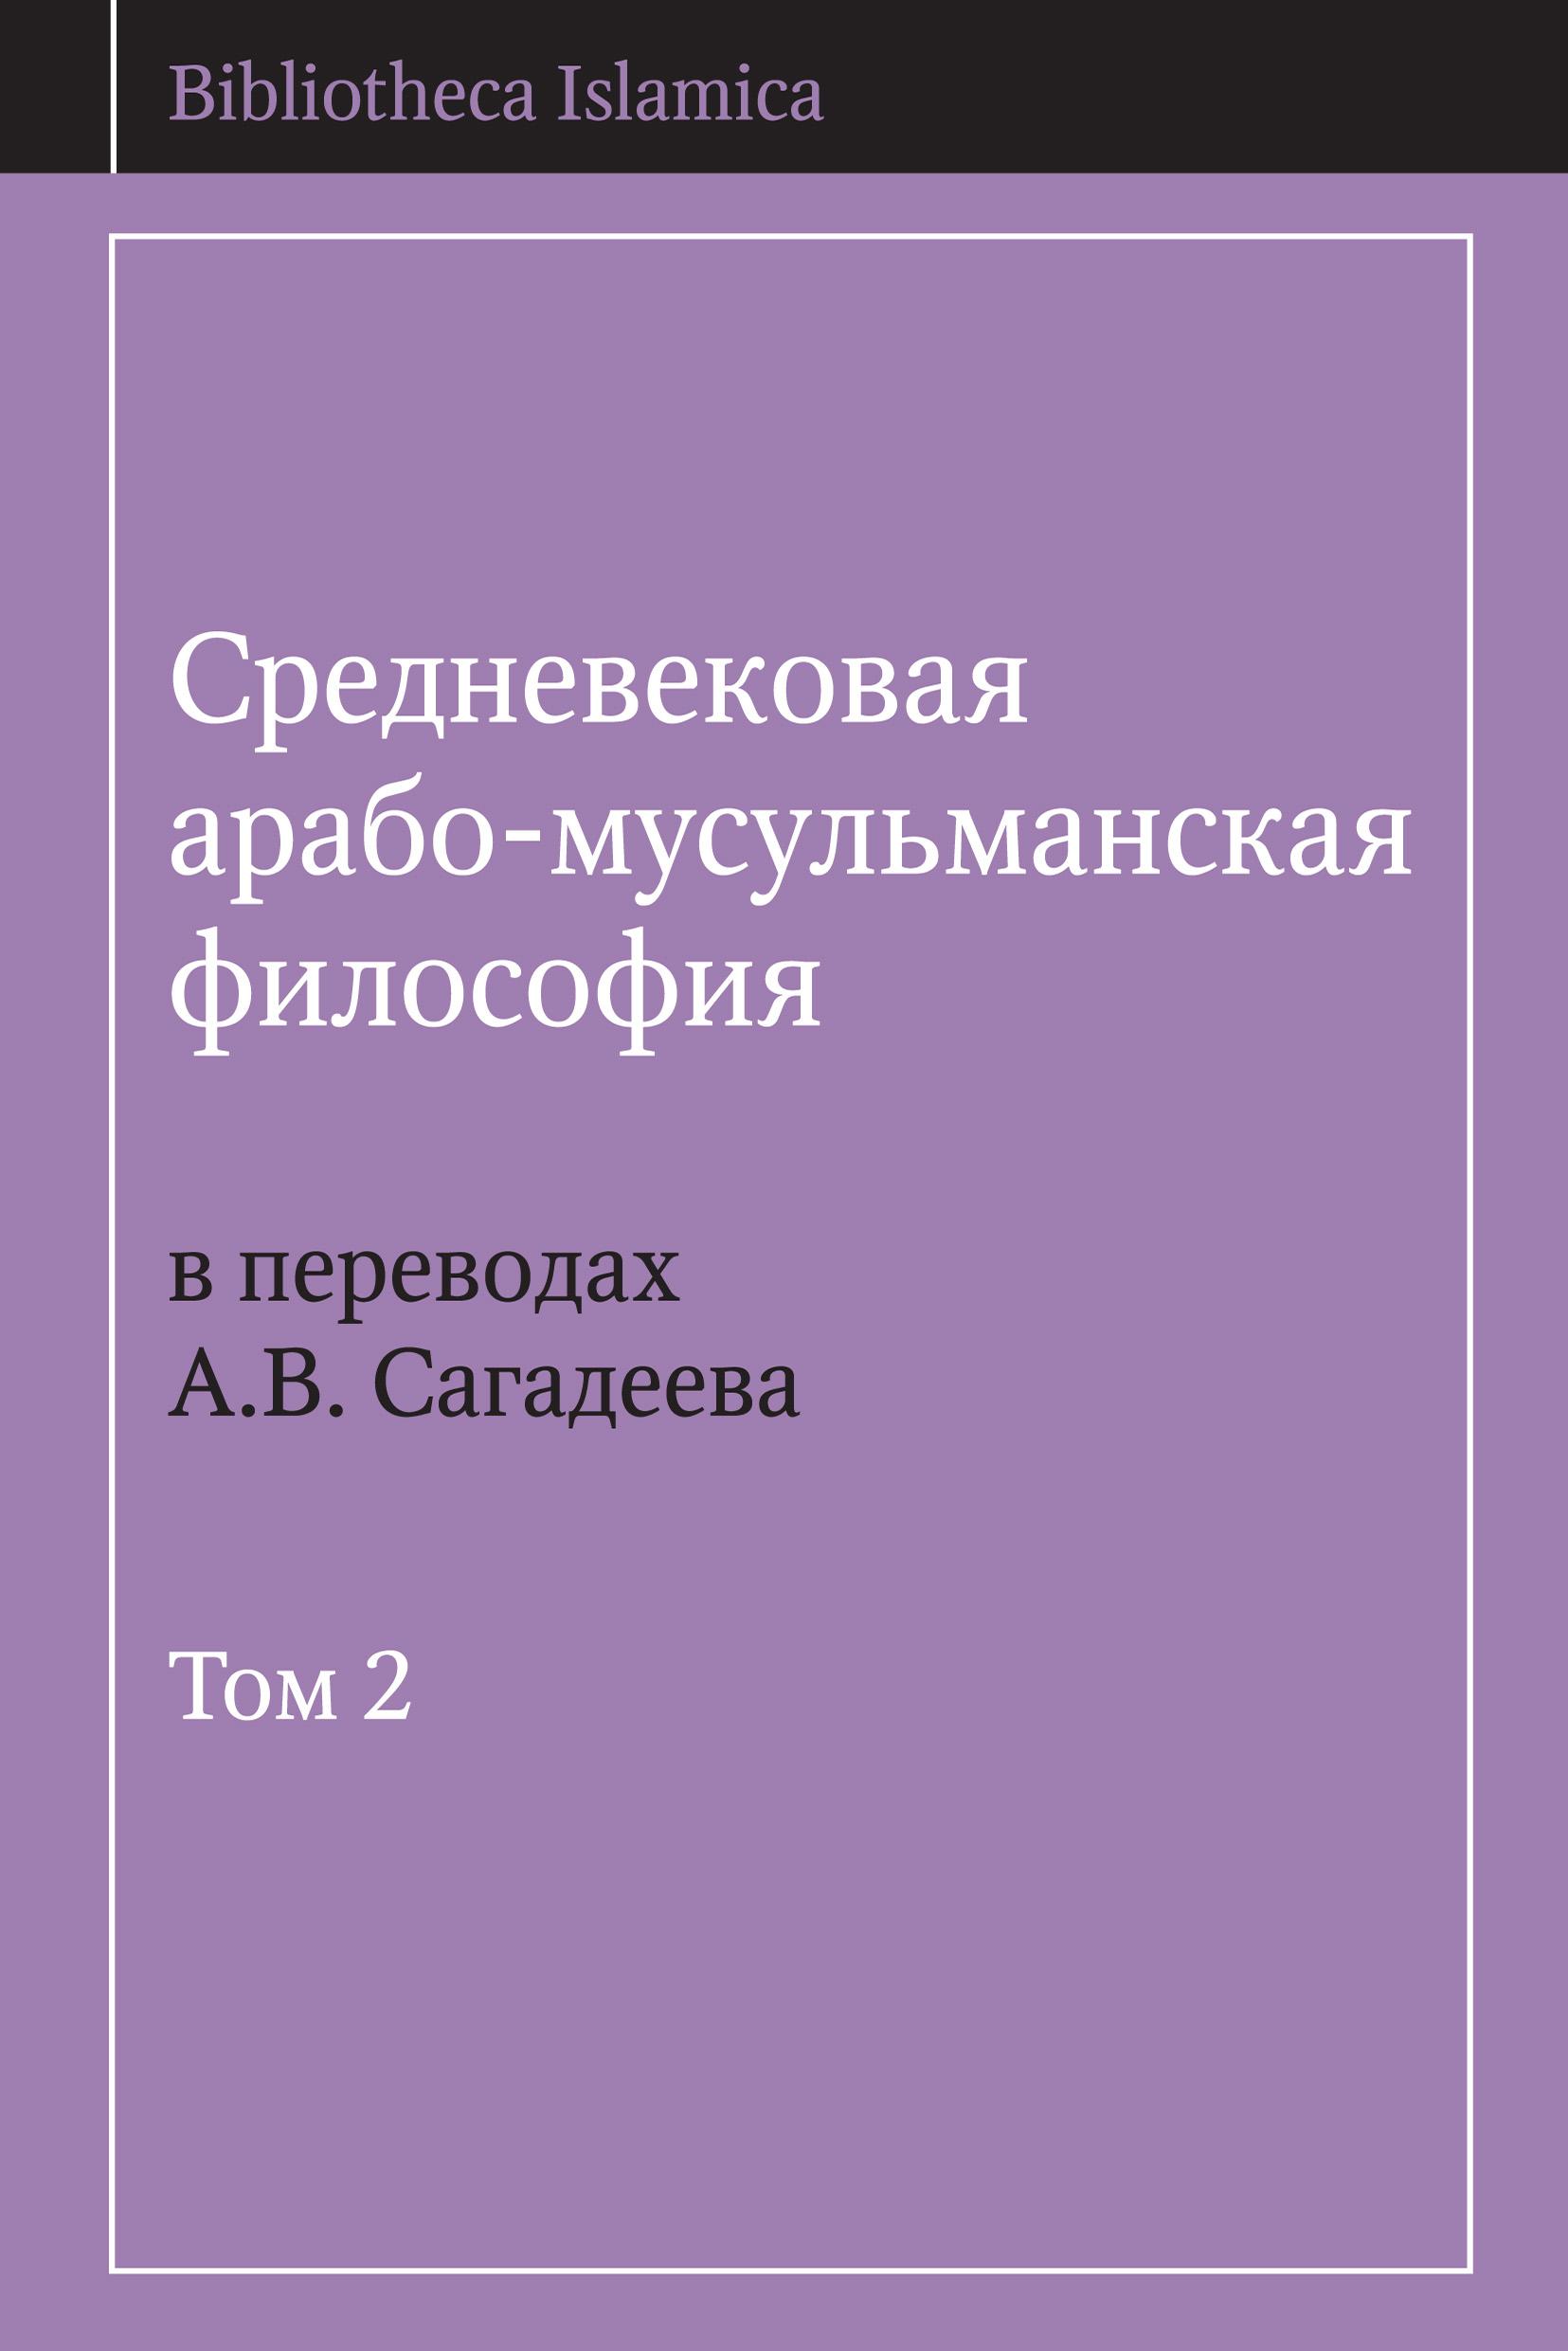 Средневековая арабо-мусульманская философия в переводах А.В. Сагадеева. Том 2